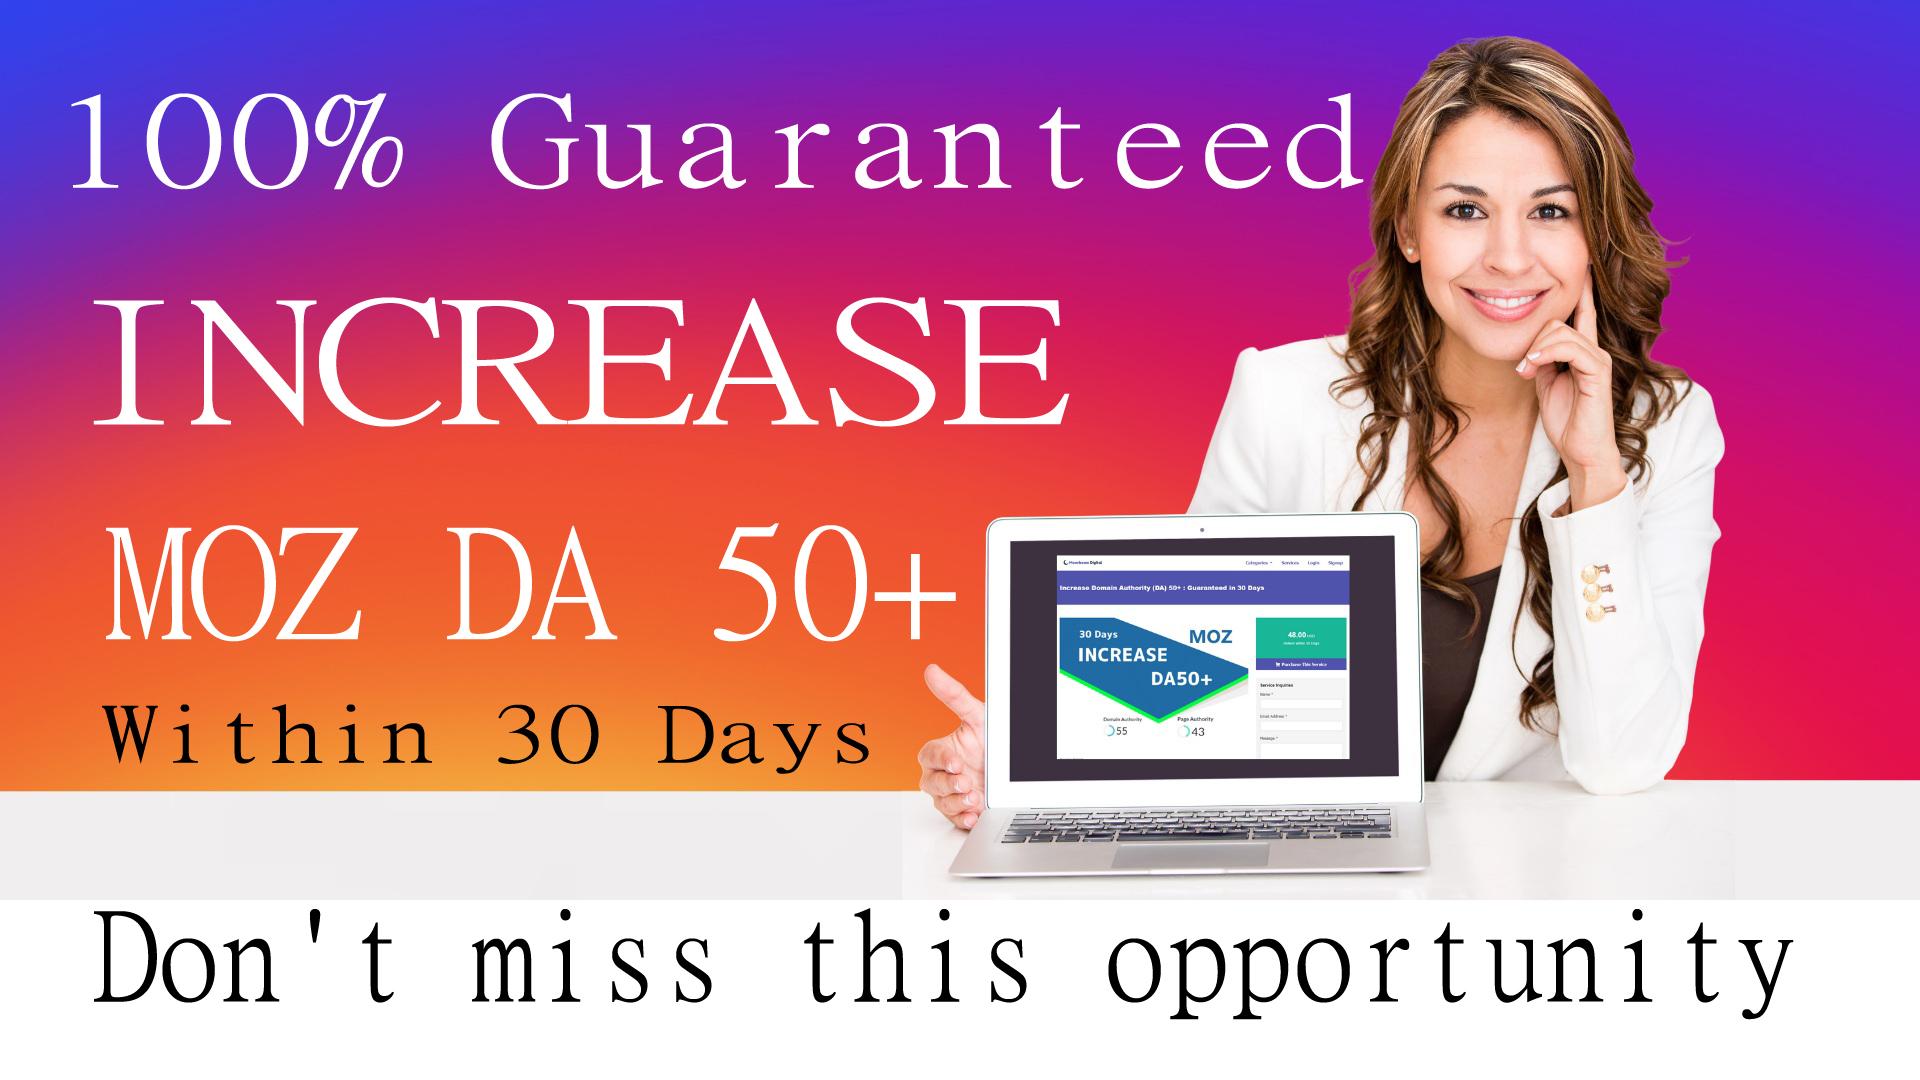 INCREASE MOZ DA 50+ DR 40+ Within 30 Days